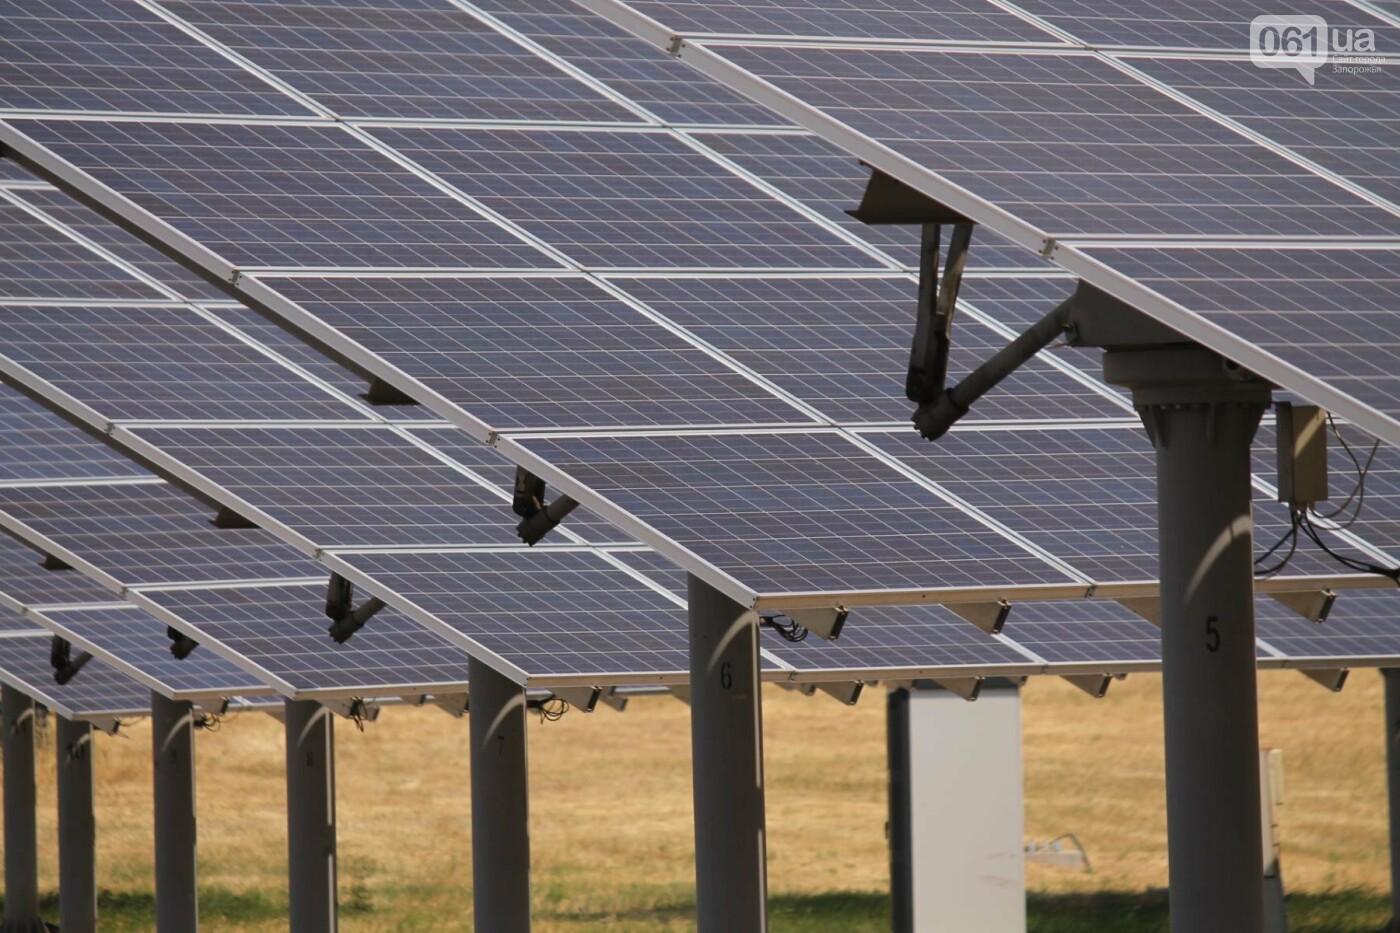 Как в Запорожской области работает крупнейшая в Украине солнечная станция: экскурсия на производство, — ФОТОРЕПОРТАЖ, фото-48